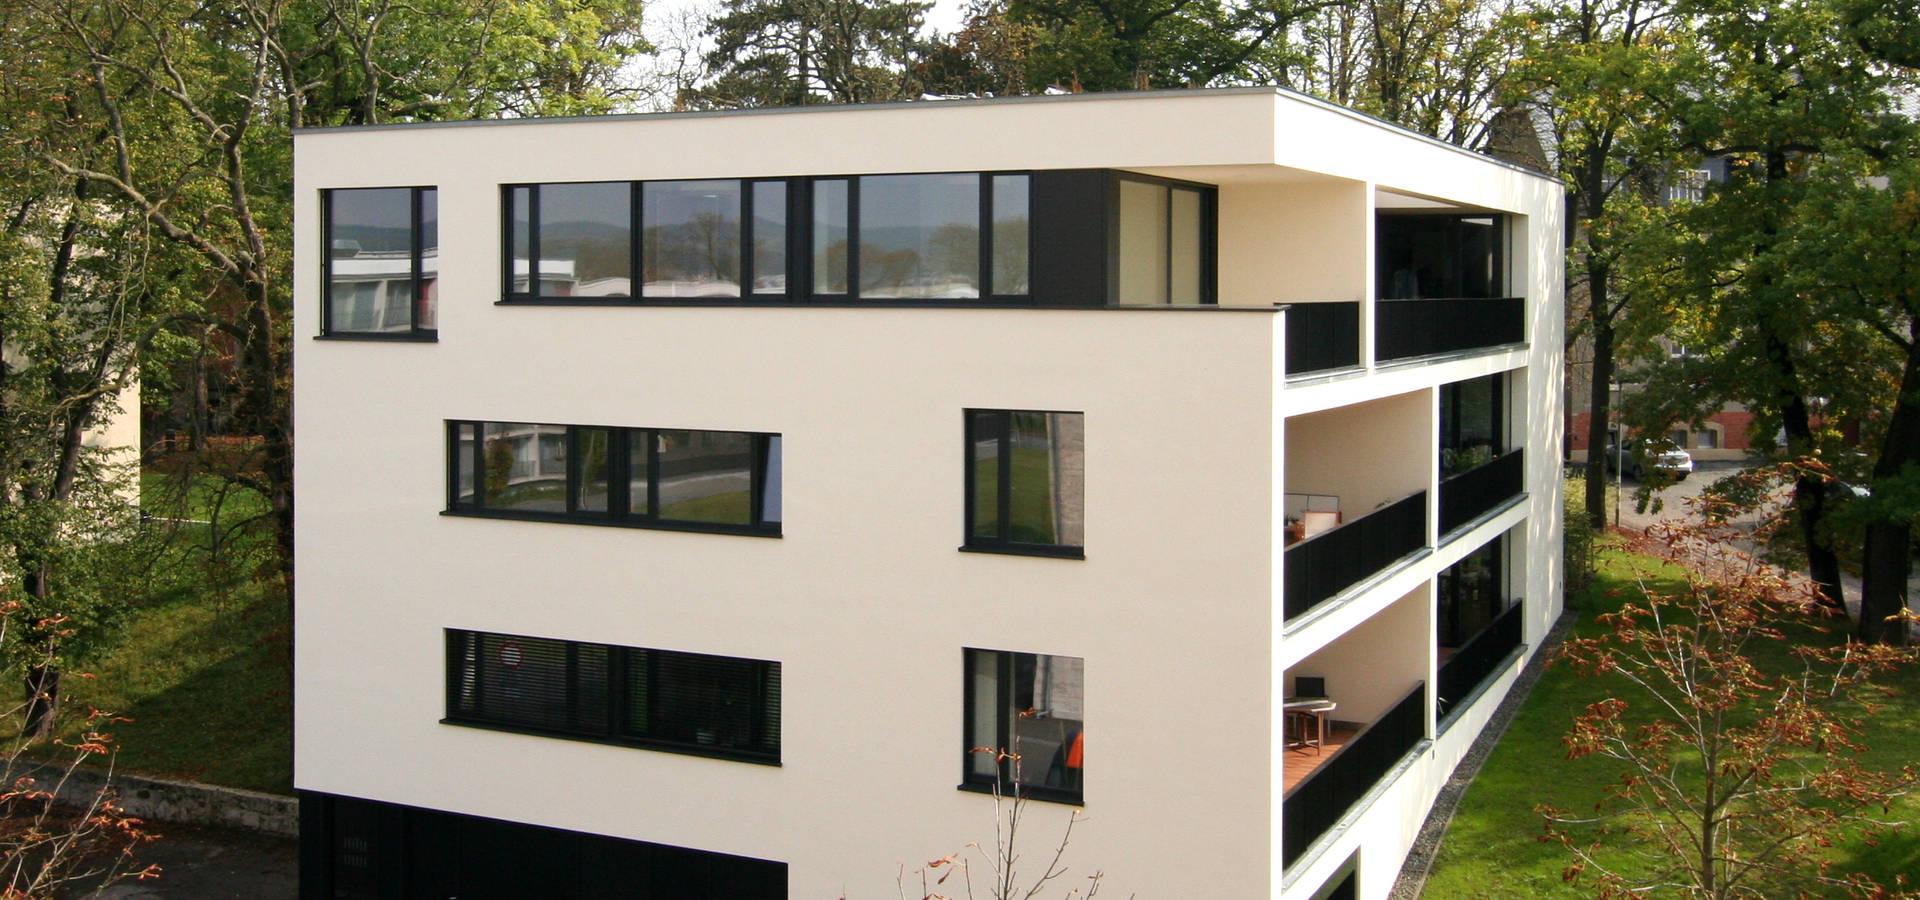 Architekten Weimar bauer architektur architekten in weimar homify